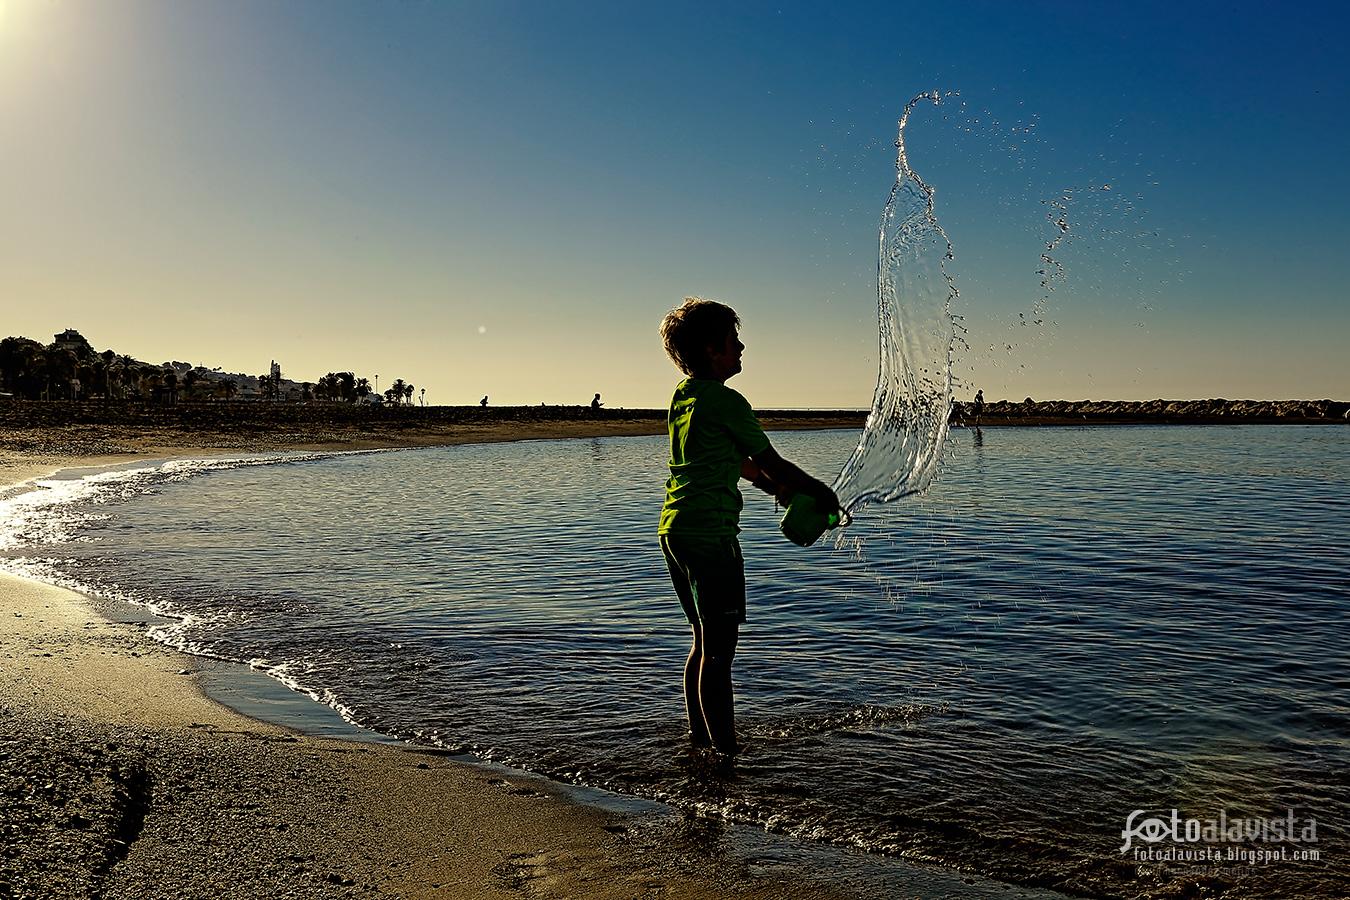 Jugando con agua - Fotografía